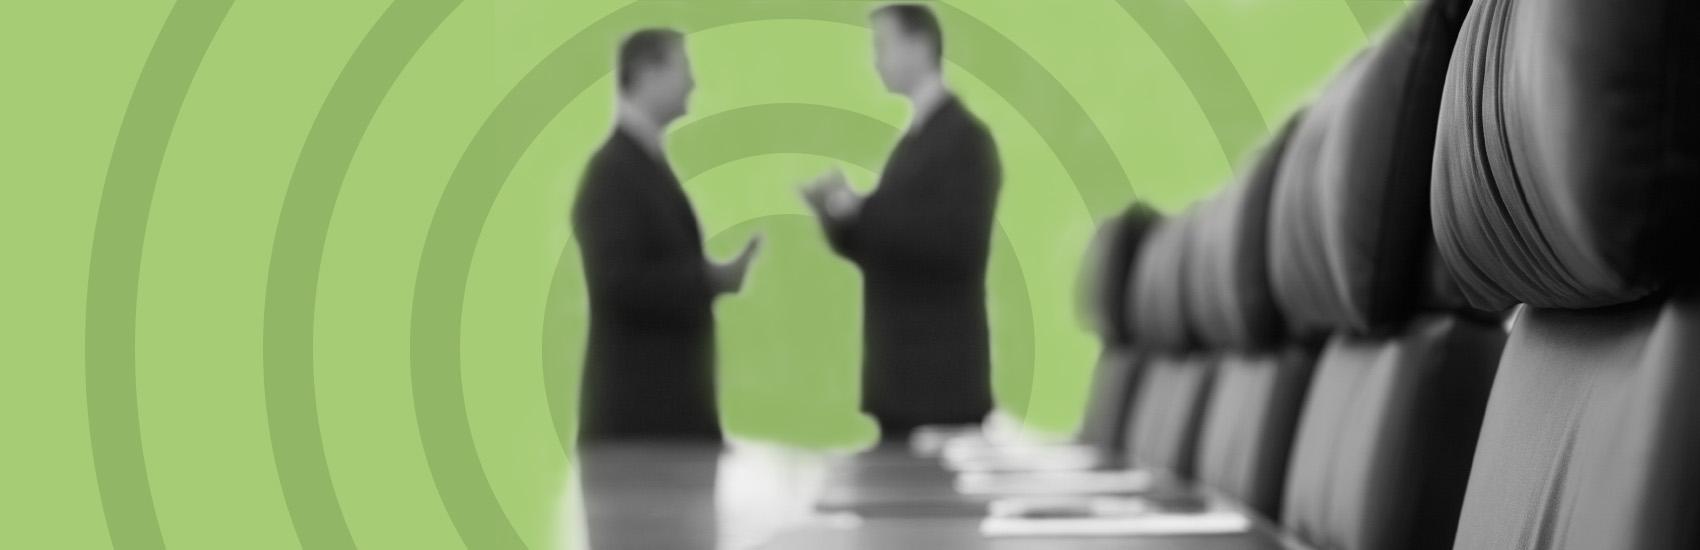 Организовать встречу самому или делегировать?